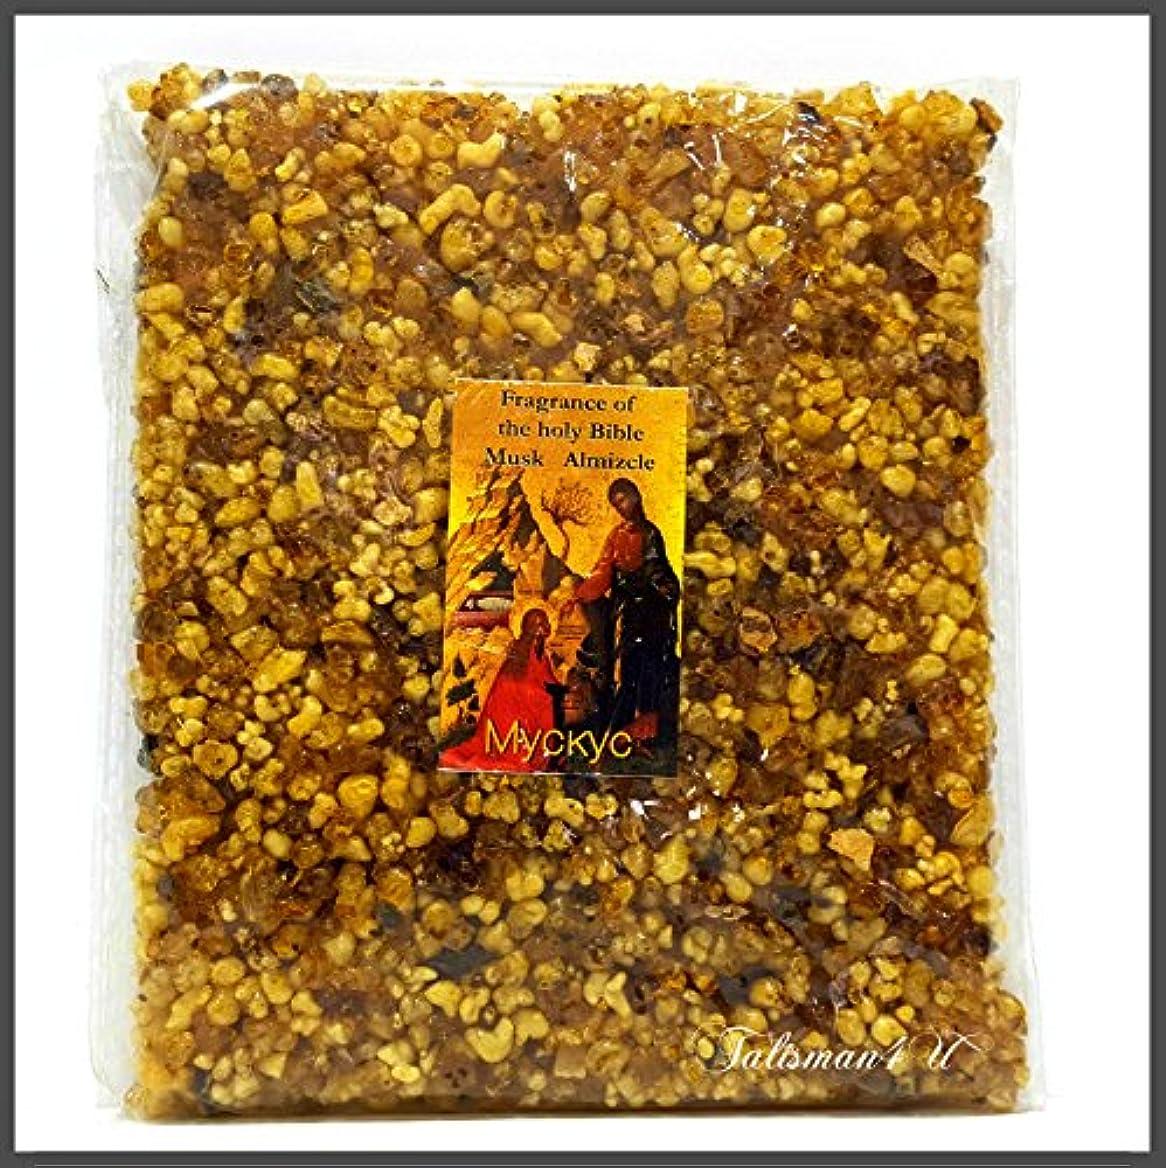 本物ピンポイント馬鹿げたムスクエルサレムIncense樹脂Aromatic Almizcle Frankincense of the Holy Land 3.5 Oz / 100 g